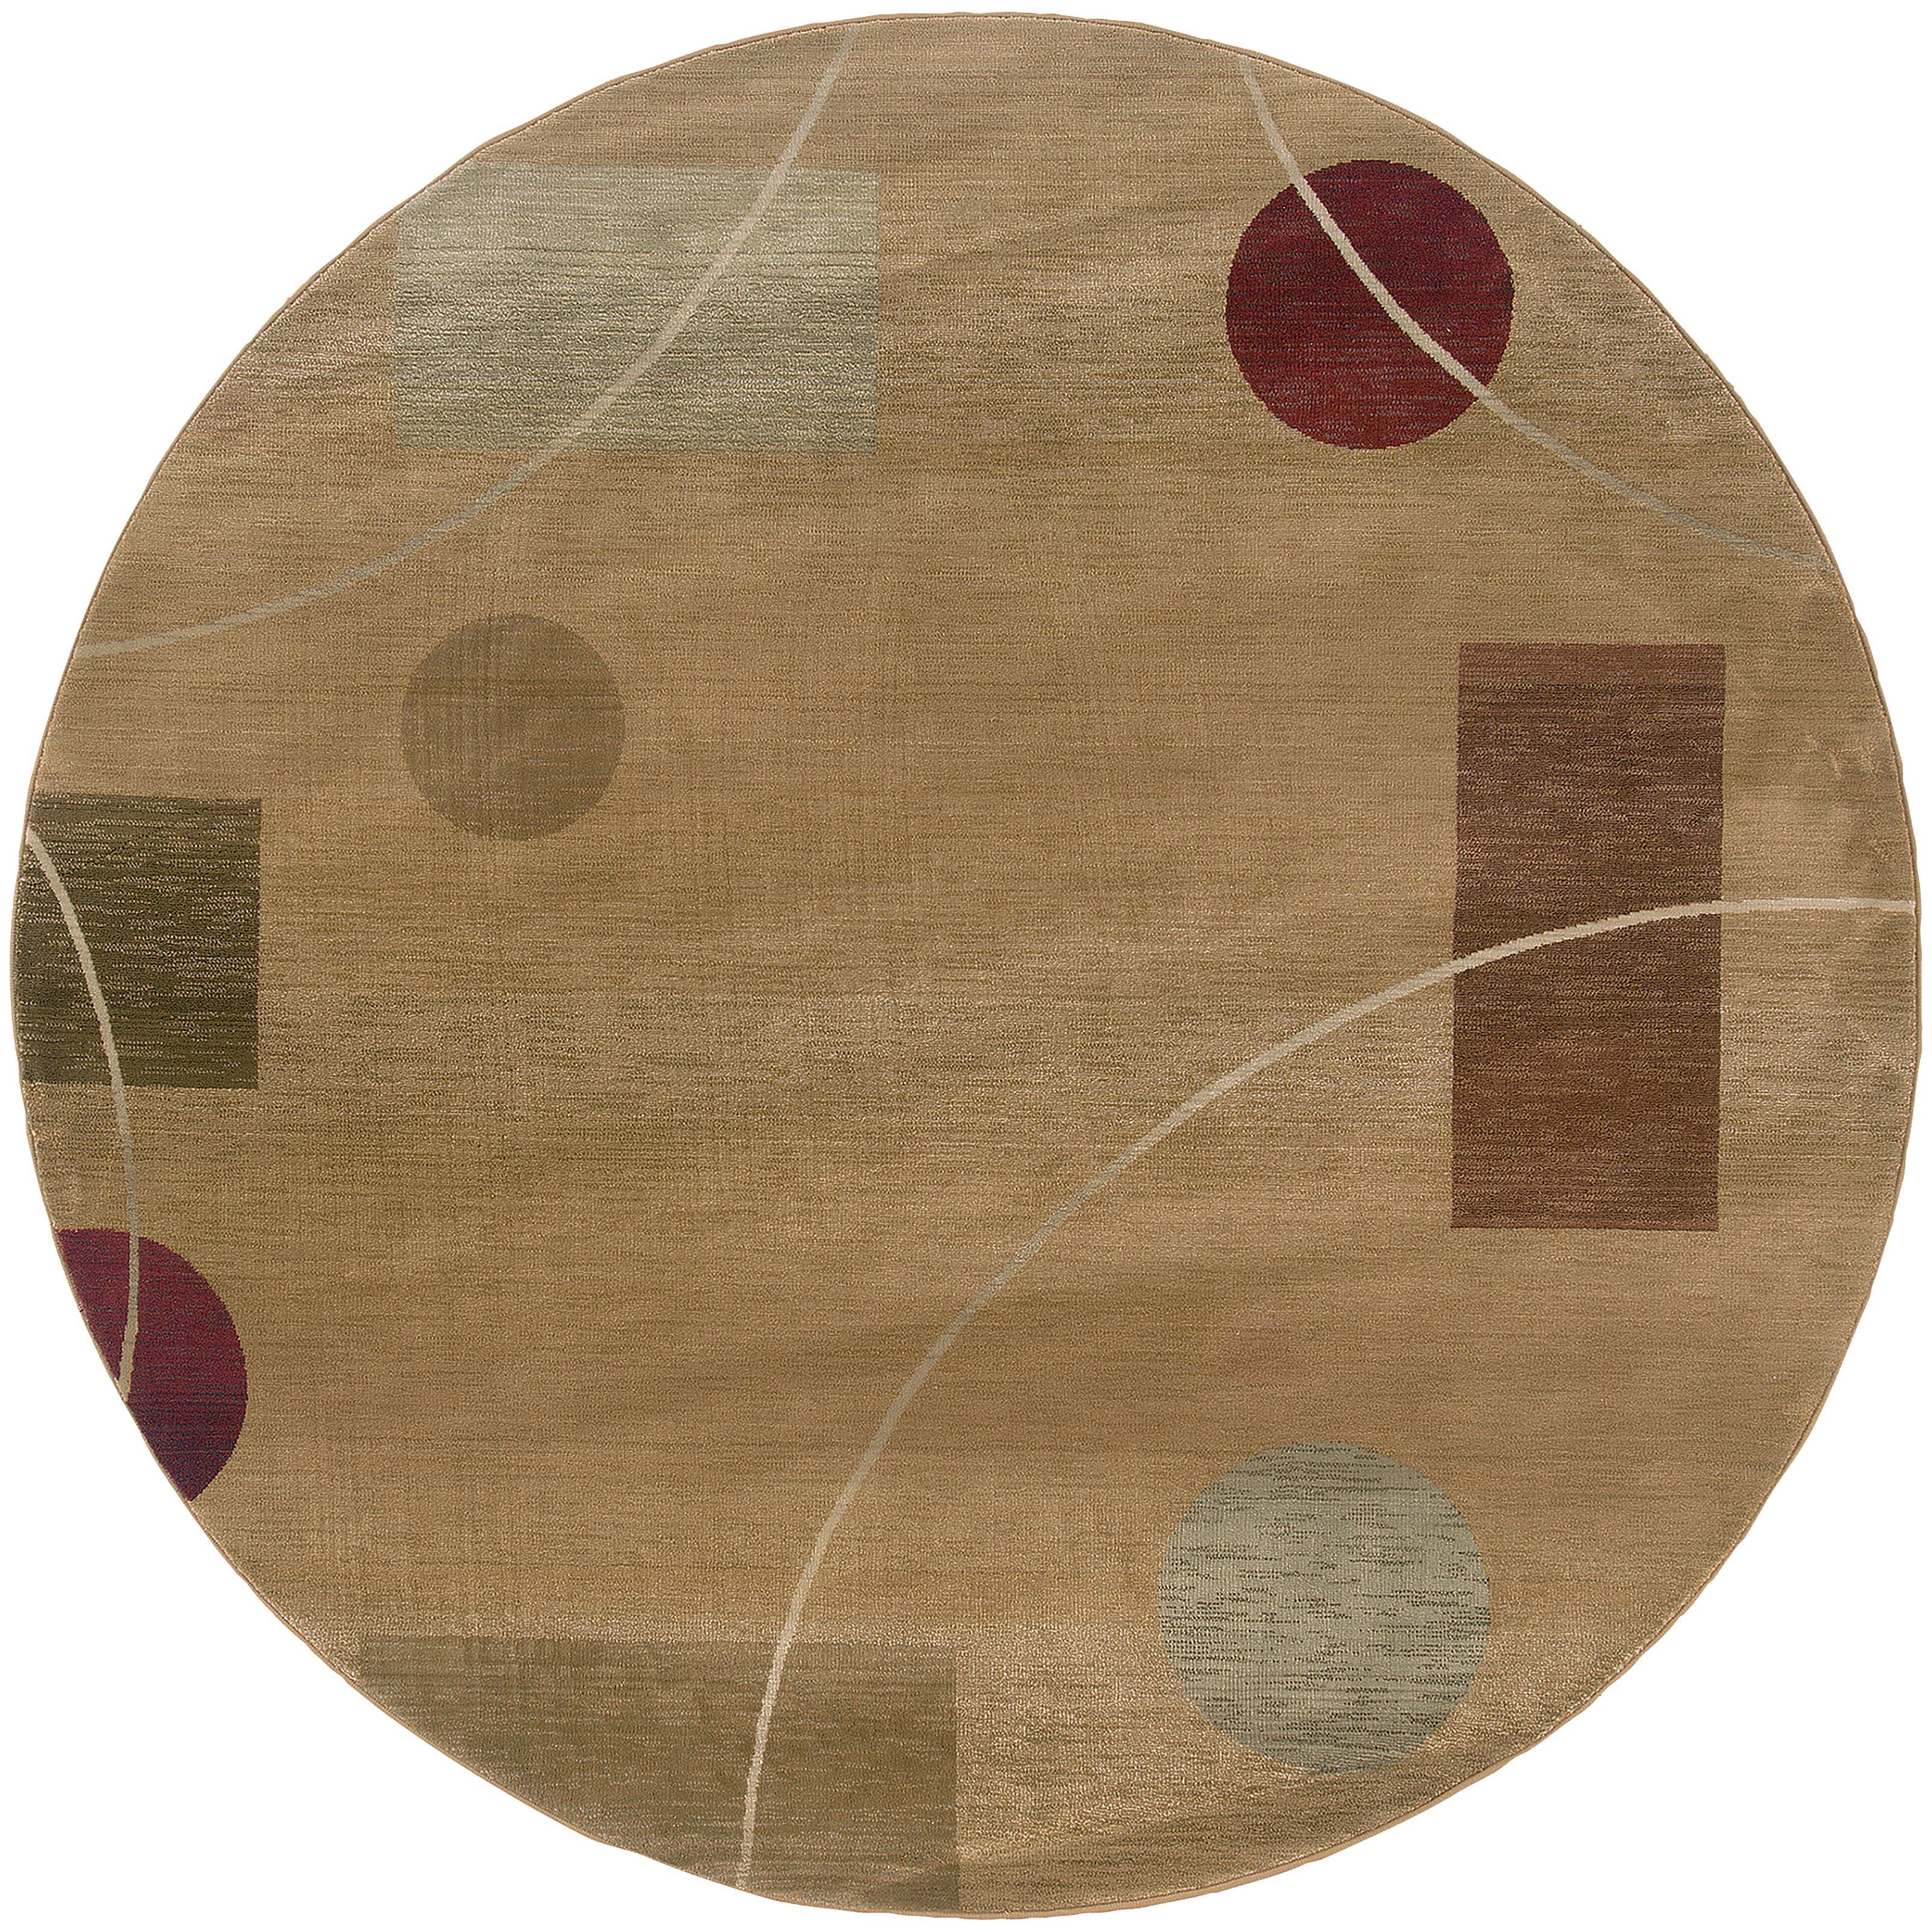 Oriental Weavers Generations 6' Rug - Item Number: G1504G180180ST